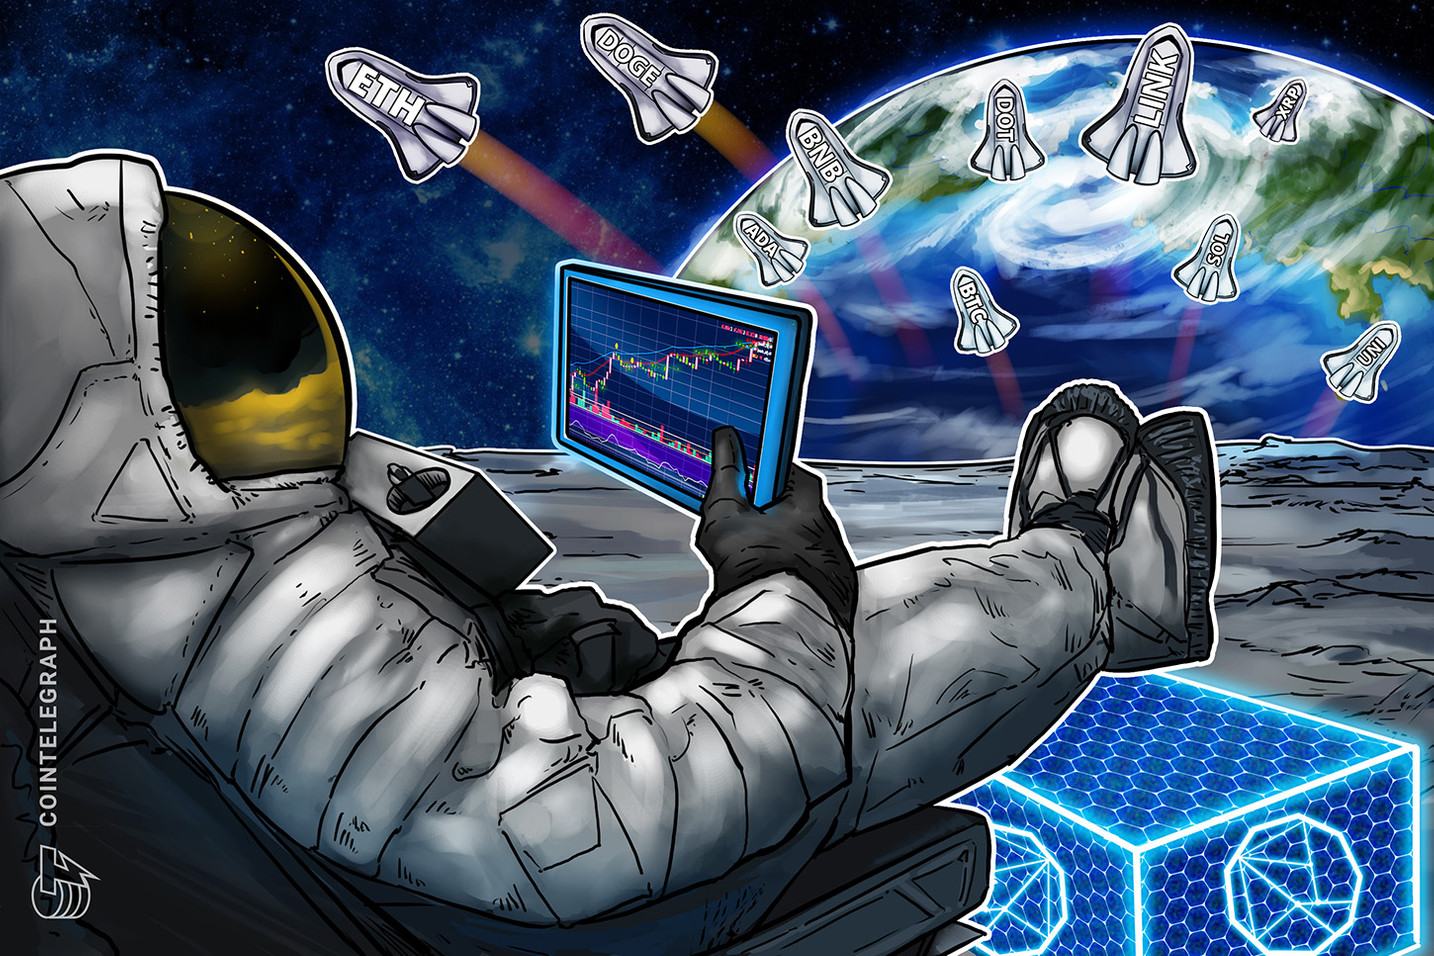 5万ドル以上を維持できるか 仮想通貨チャート分析:ビットコイン・イーサ・XRP(リップル)